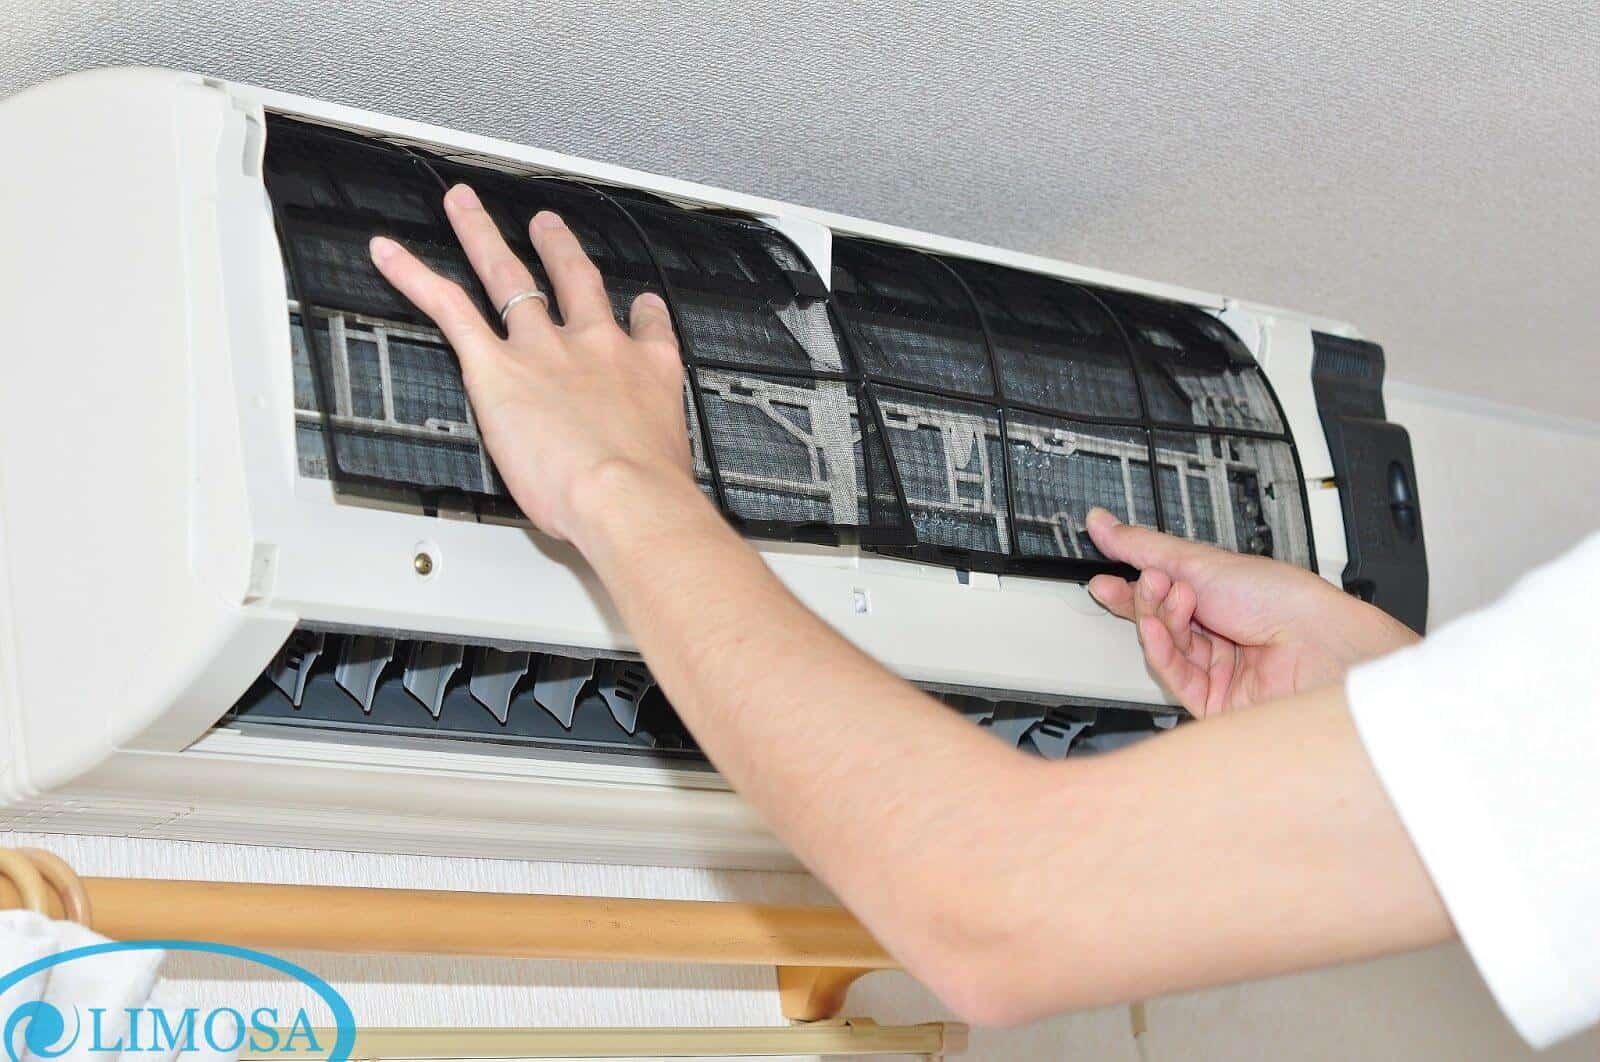 Địa chỉ vệ sinh máy lạnh quận 10 chuyên nghiệp